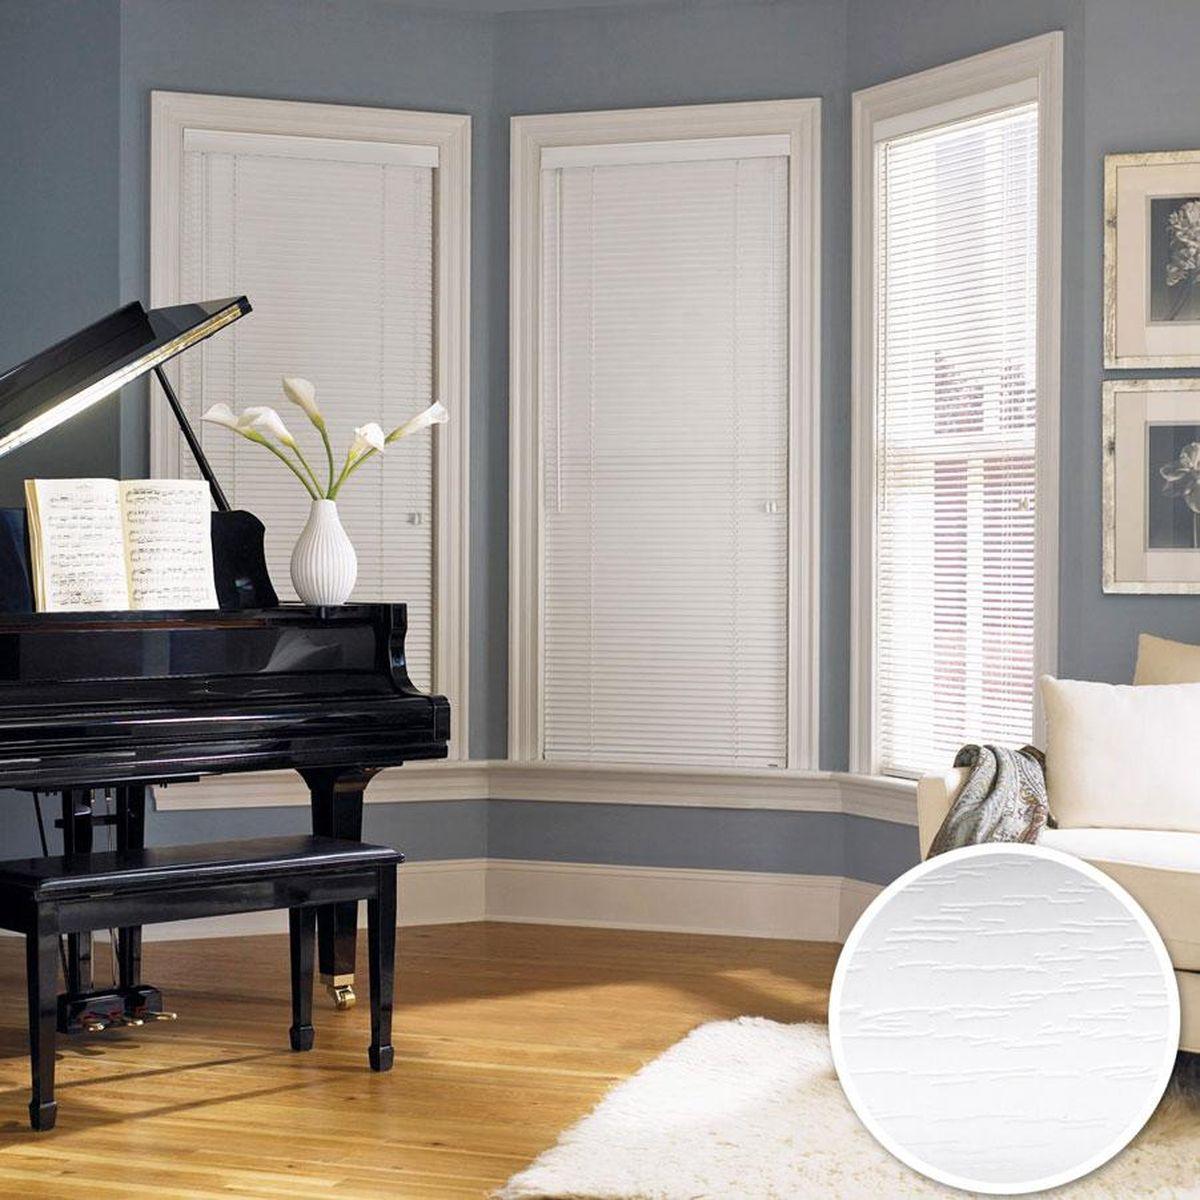 Жалюзи пластиковые 38 мм Эскар, горизонтальные, цвет: белый, ширина 120 см, высота 160 см61008120160Для того чтобы придать интерьеру изюминку и завершенность, нет ничего лучше, чем использовать жалюзи на окнах квартиры, дома или офиса. С их помощью можно подчеркнуть индивидуальный вкус, а также стилевое оформление помещения. Помимо декоративных функций, жалюзи выполняют и практические задачи: они защищают от излишнего солнечного света, не дают помещению нагреваться, а также создают уют в темное время суток.Пластиковые жалюзи - самое универсальное и недорогое решение для любого помещения. Купить их может каждый, а широкий выбор размеров под самые популярные габариты сделает покупку простой и удобной. Пластиковые жалюзи имеют высокие эксплуатационные характеристики - они гигиеничны, что делает их незаменимыми при монтаже в детских и медицинских учреждениях.